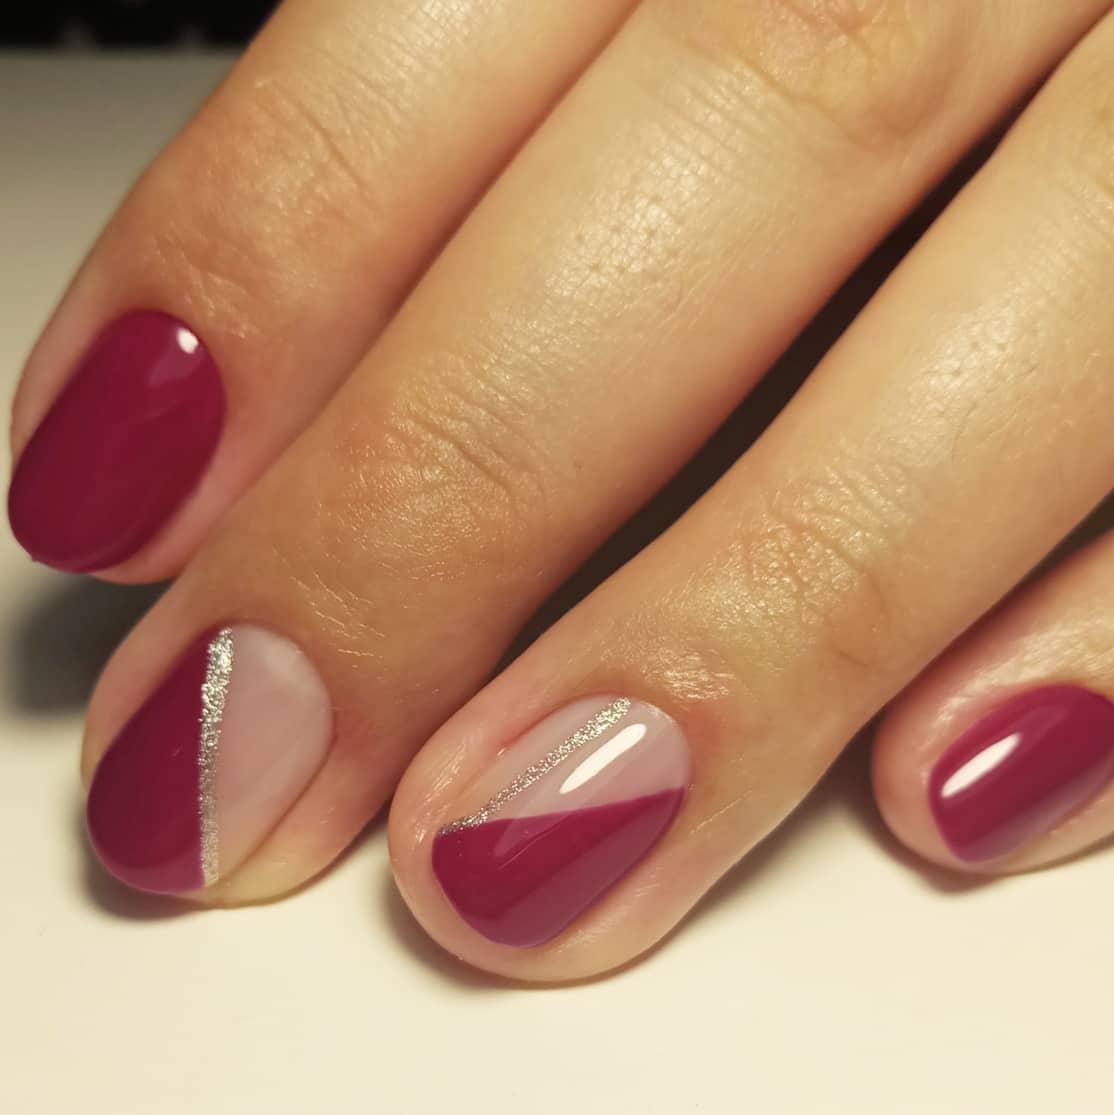 геометрический маникюр с серебряными блестками в баклажновом цвете на короткие ногти.